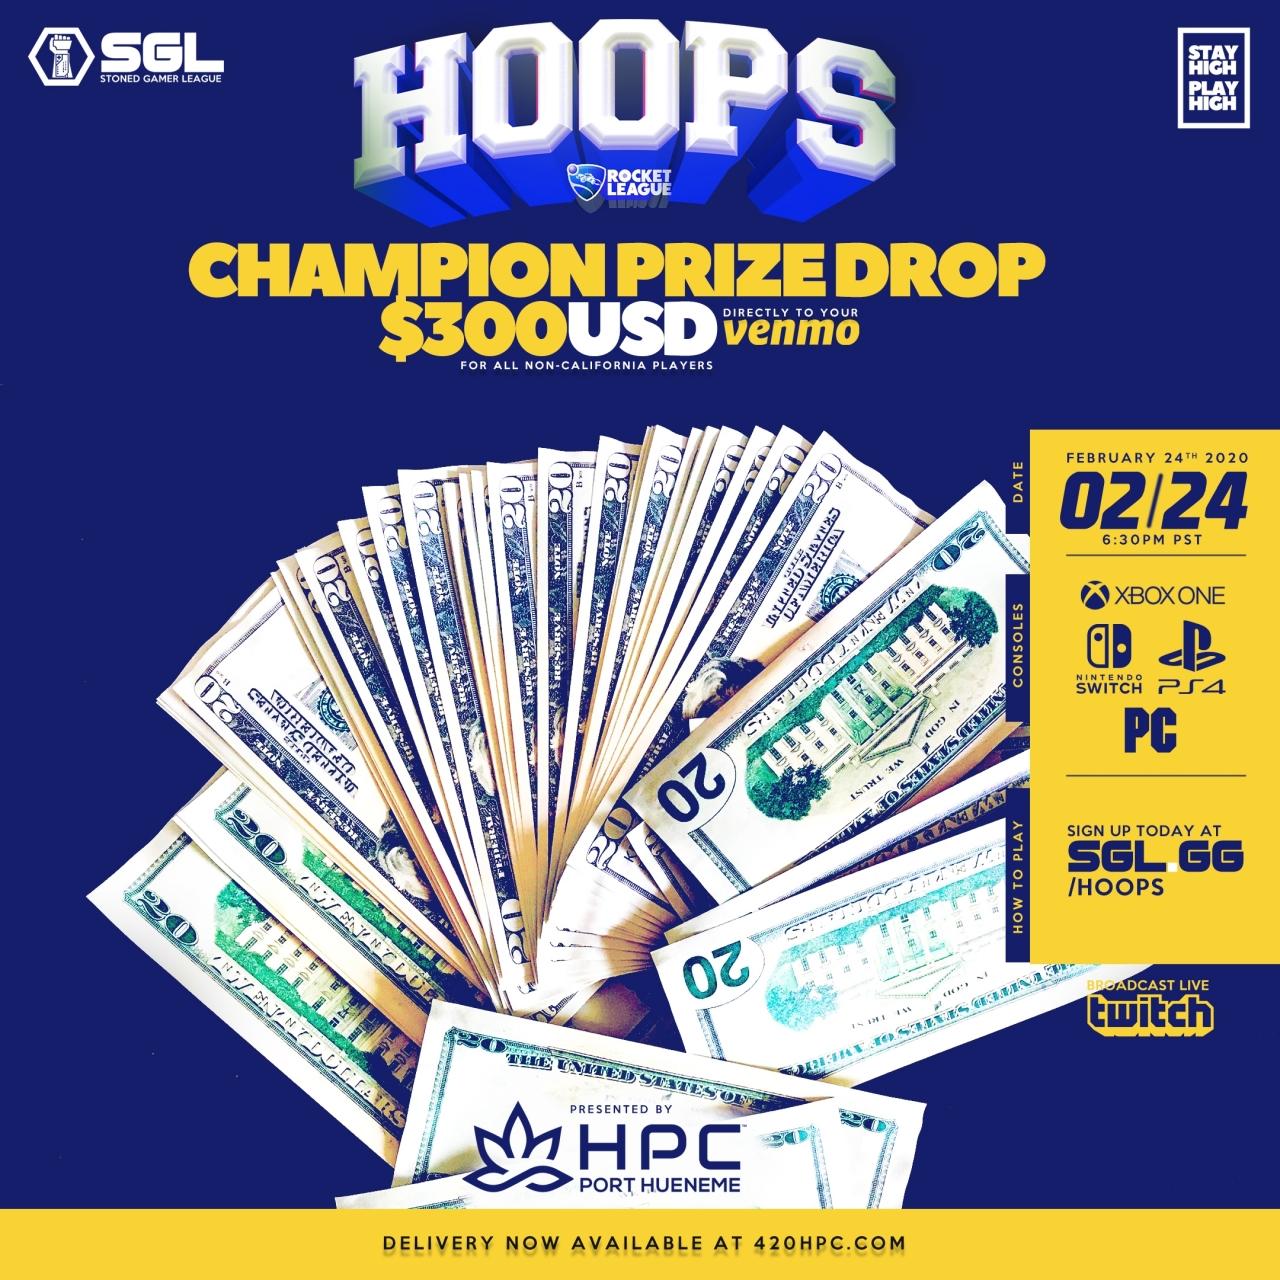 HOOPS-PRIZEDROP-2